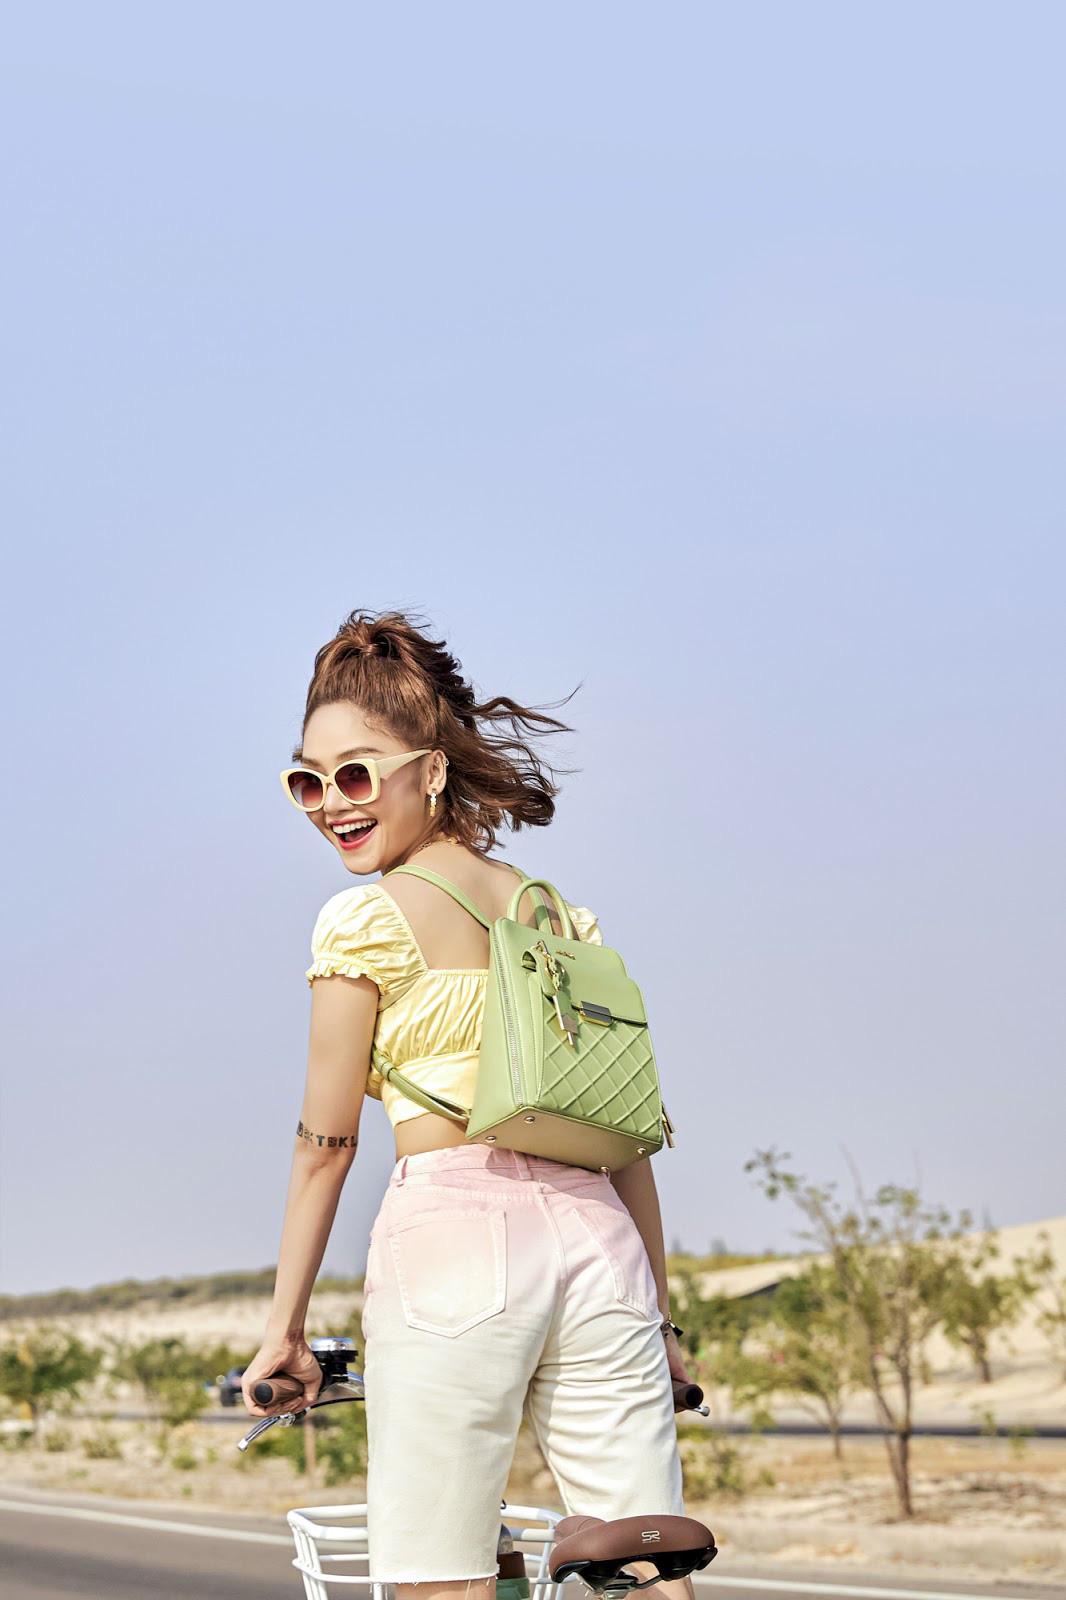 Túi cói đi biển tầm này là tầm thường, túi kem mới là chuẩn xu hướng - Ảnh 2.